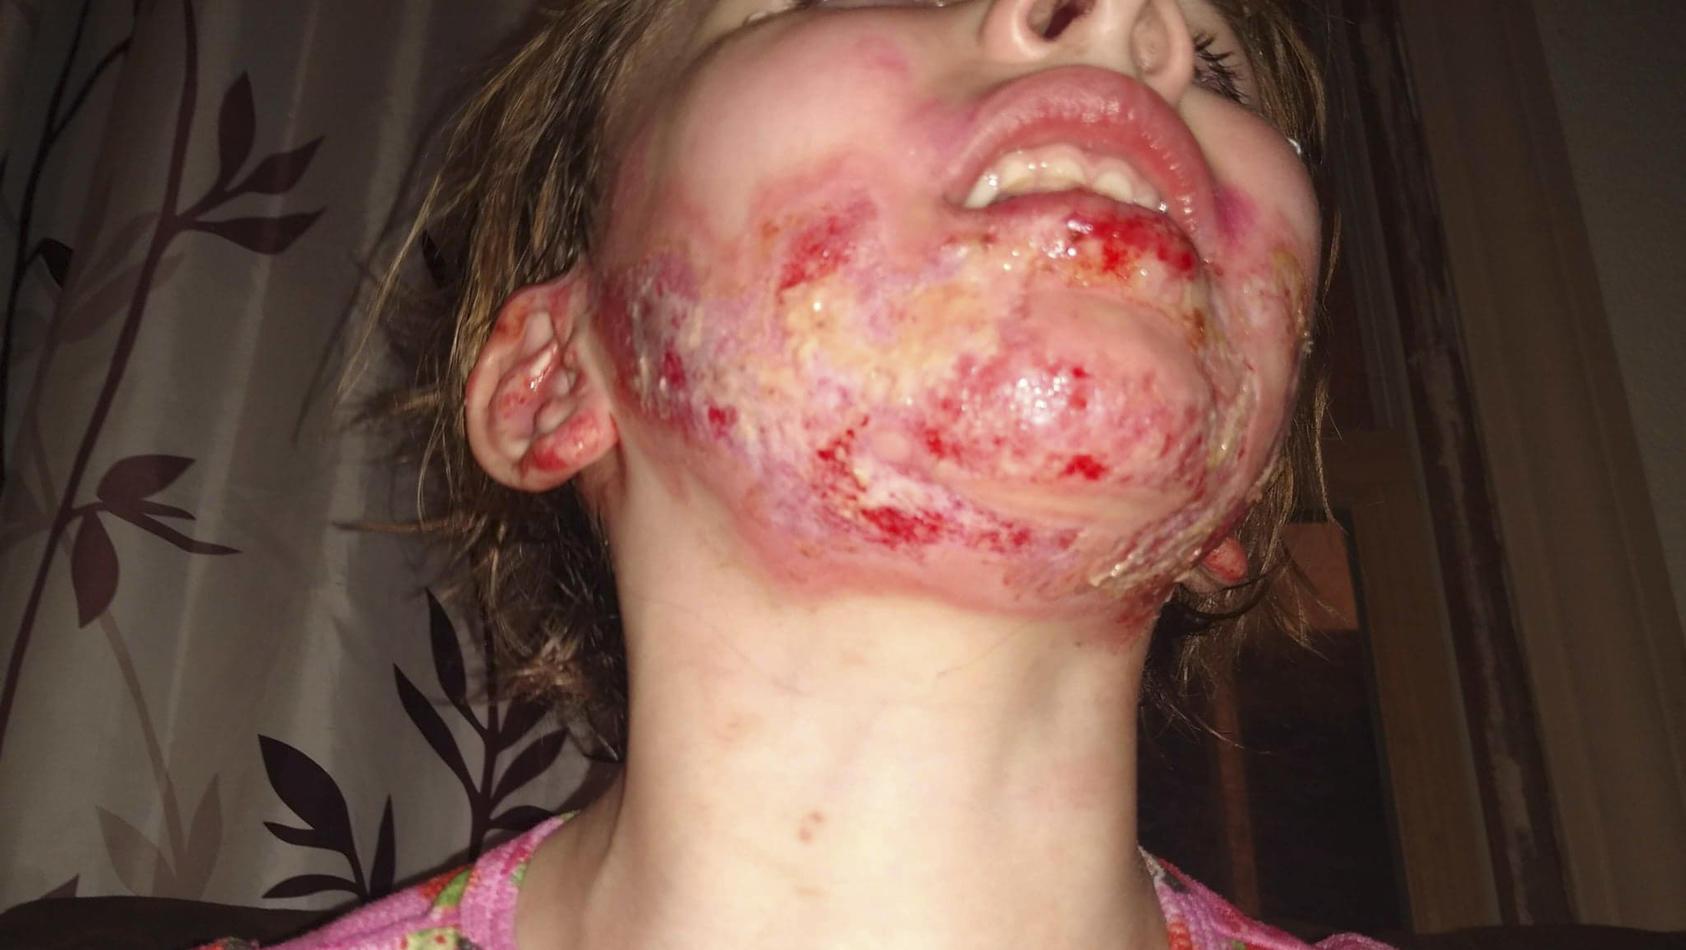 Izabella musste ins Krankenhaus. Danach musste die Wunde zweimal täglich gereinigt werden.